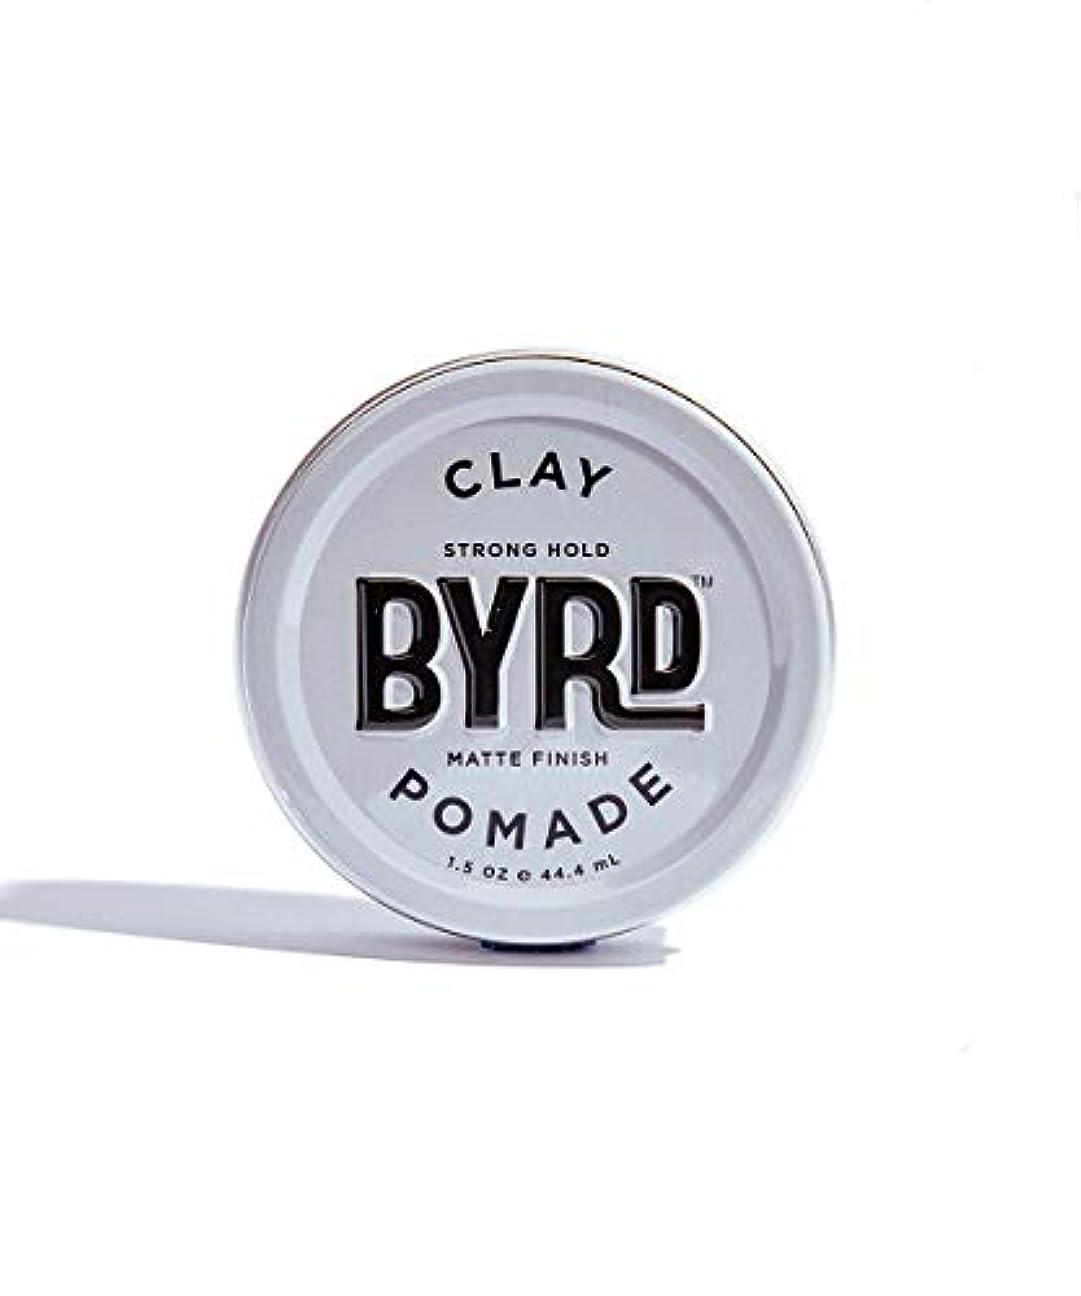 息苦しい滑り台爆弾BYRD/クレイポマード 42g メンズコスメ ワックス ヘアスタイリング かっこいい モテ髪